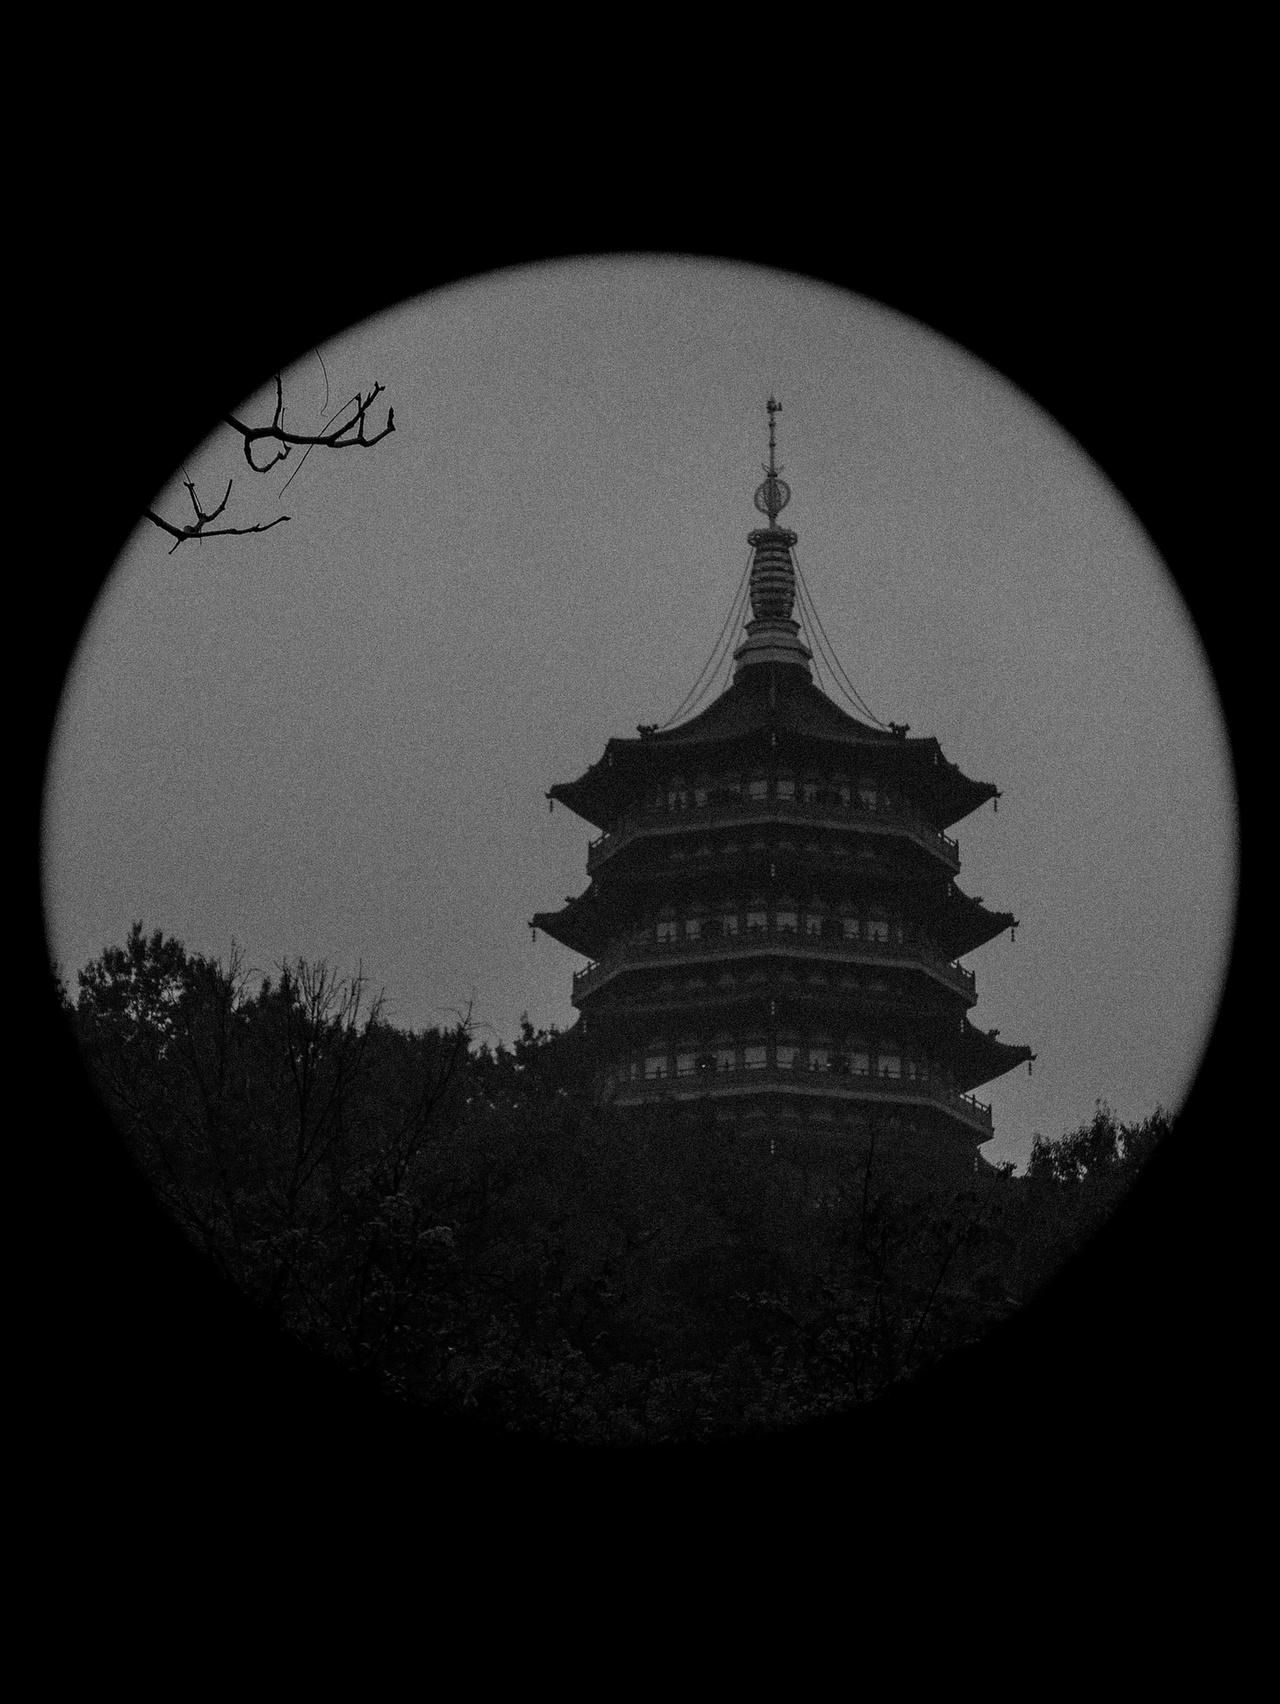 空山 灵雨  -  1127